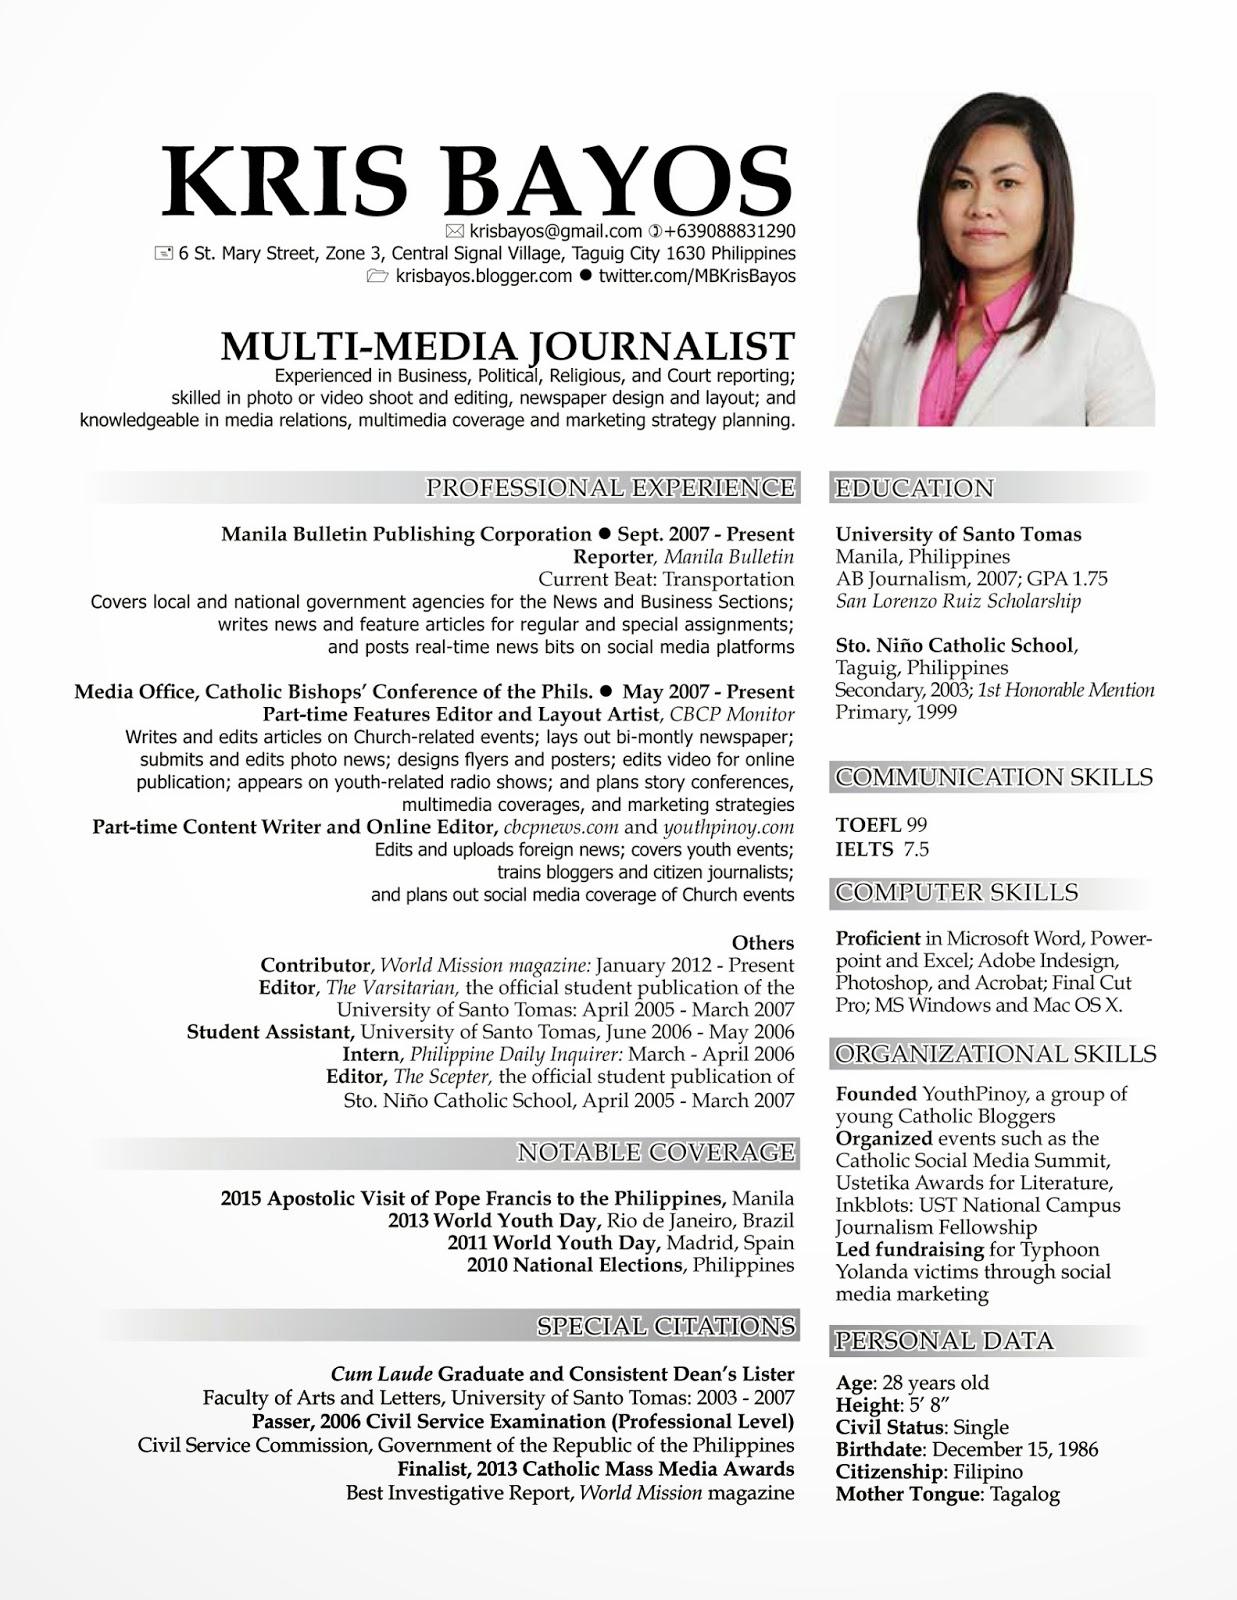 Updated Curriculum Vitae Kris Bayos